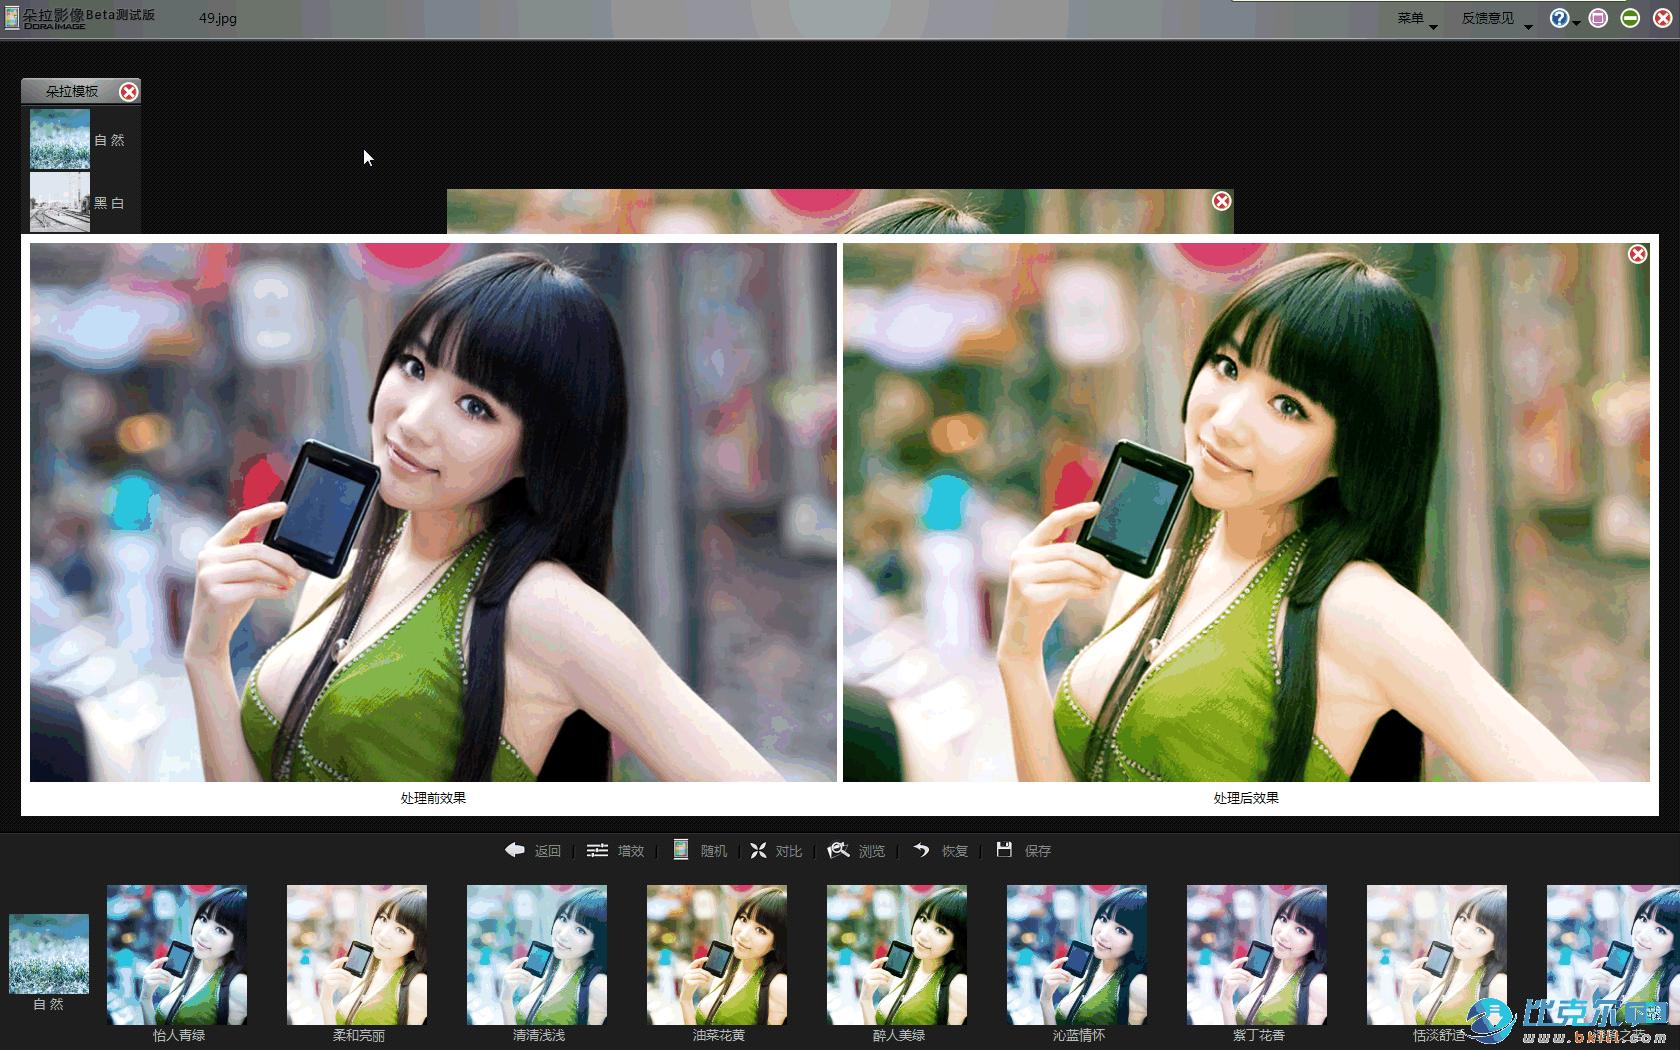 朵拉影像照片处理软件 V2.0 能给照片加文字